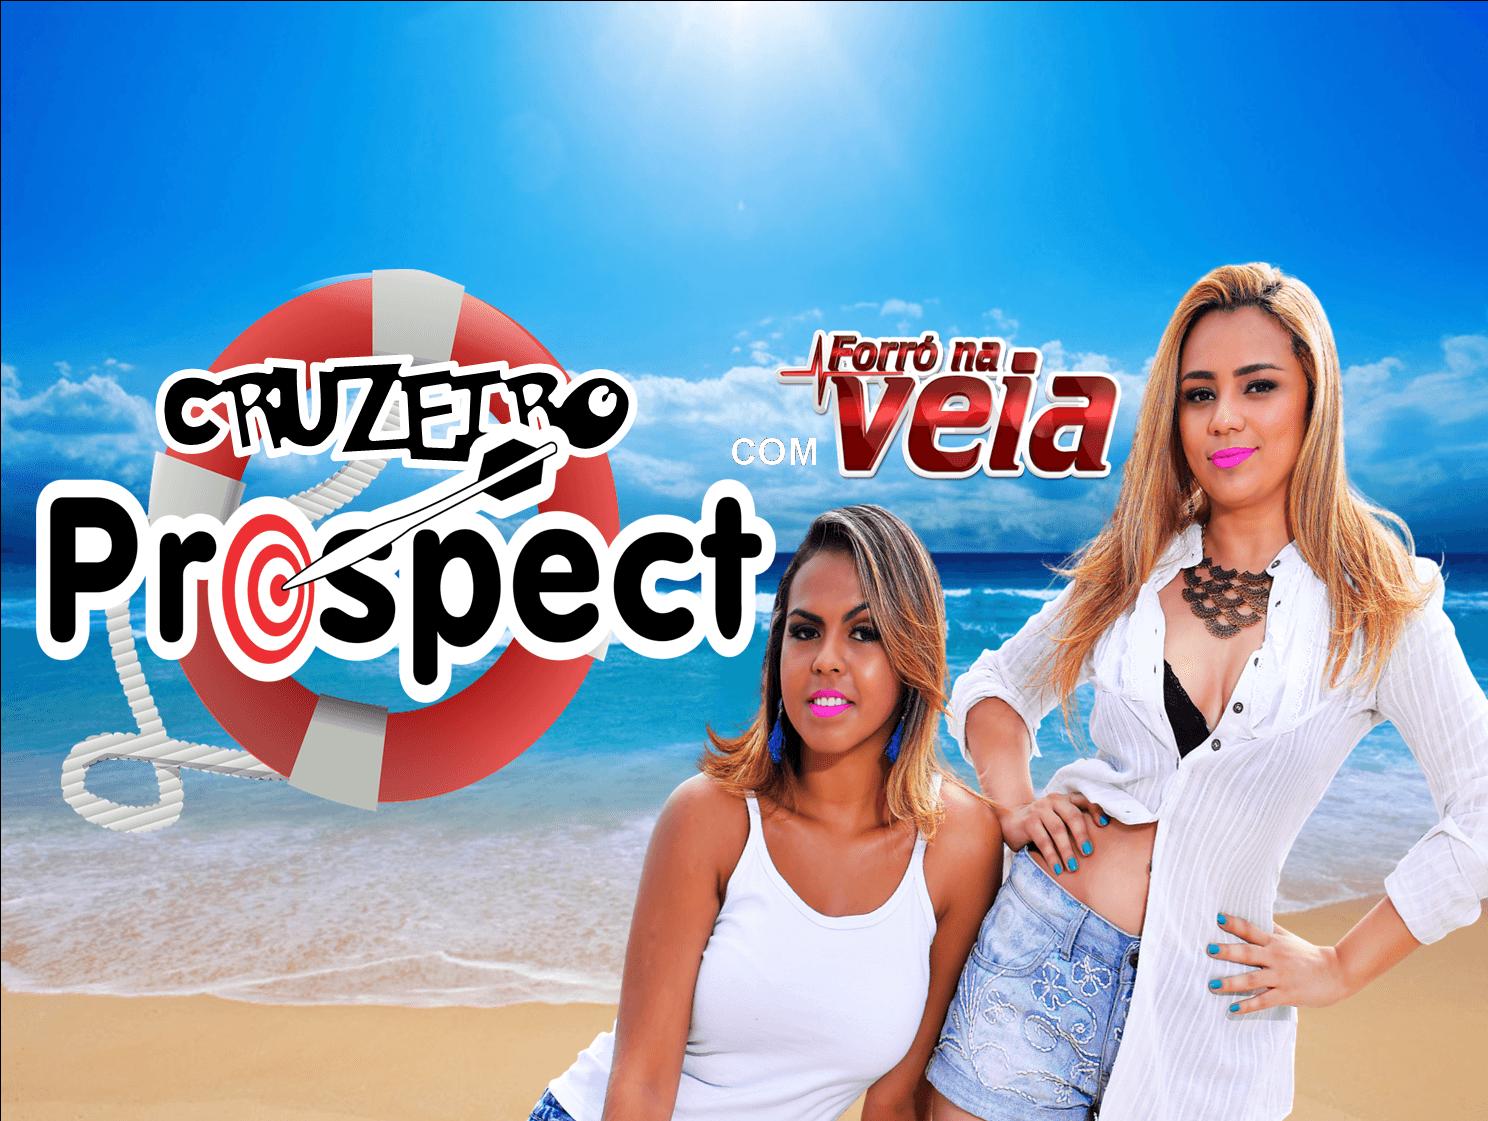 Cruzeiro Prospect – Confraternização 2014